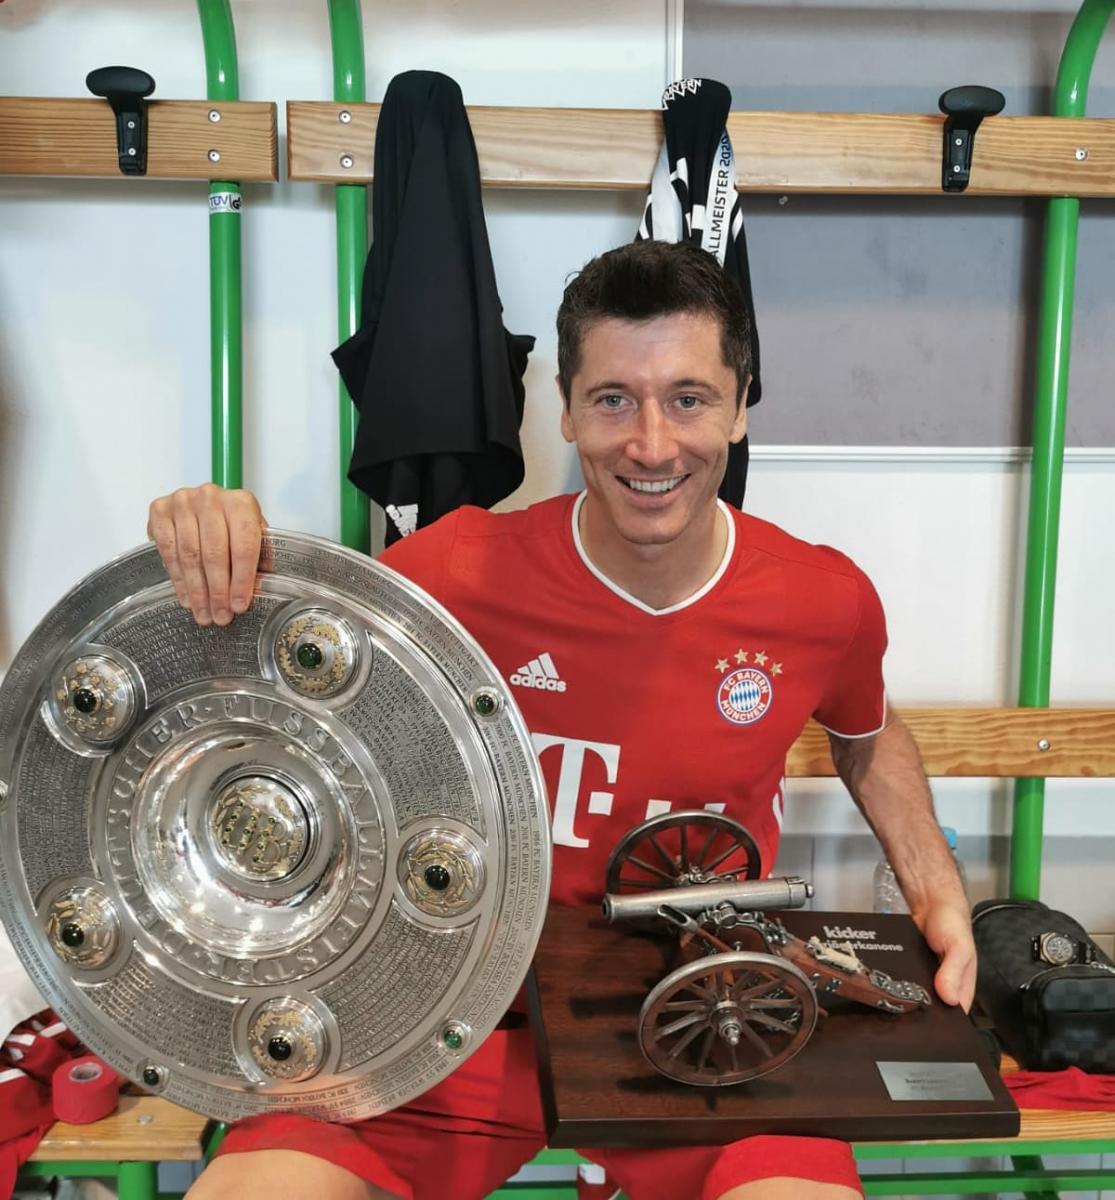 Robert Lewandowski, máximo goleador con 34 goles. /Twitter: Robert Lewandowski oficial